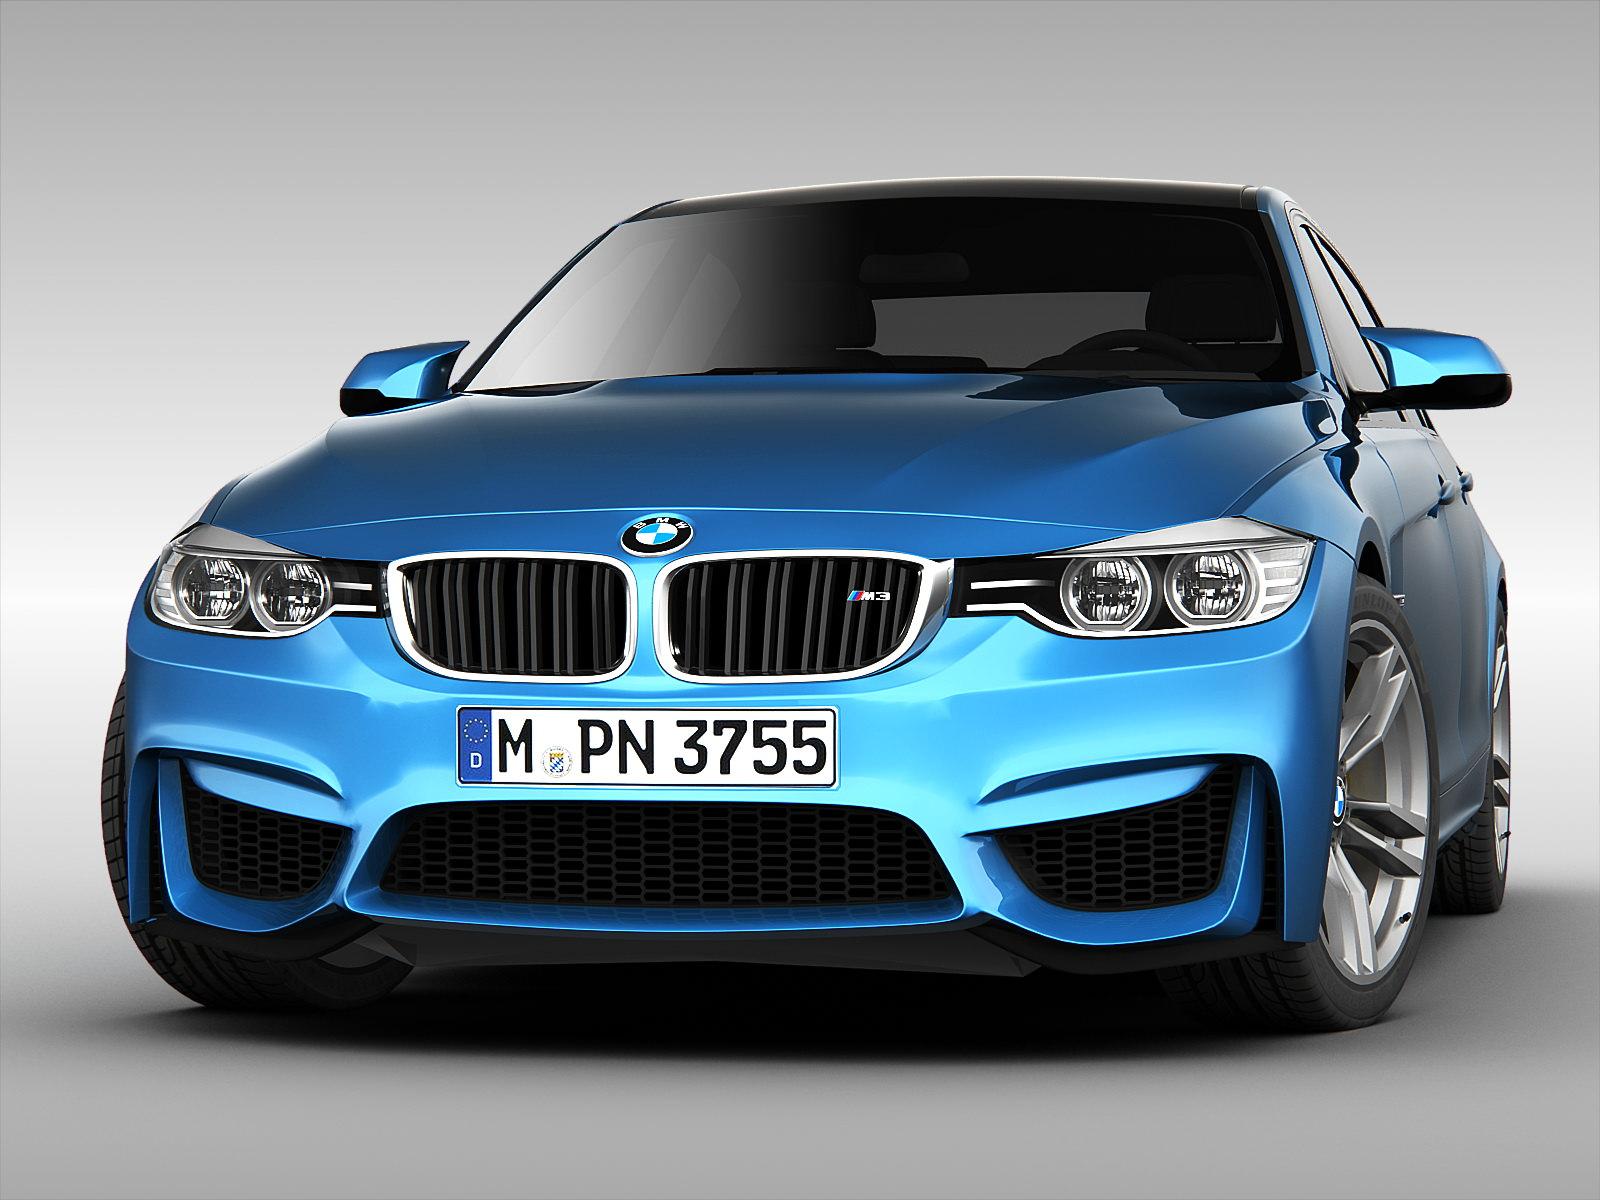 Bmw F30 Gadgets >> BMW M3 Sedan F30 2015 3D Model .max .obj .3ds .fbx - CGTrader.com